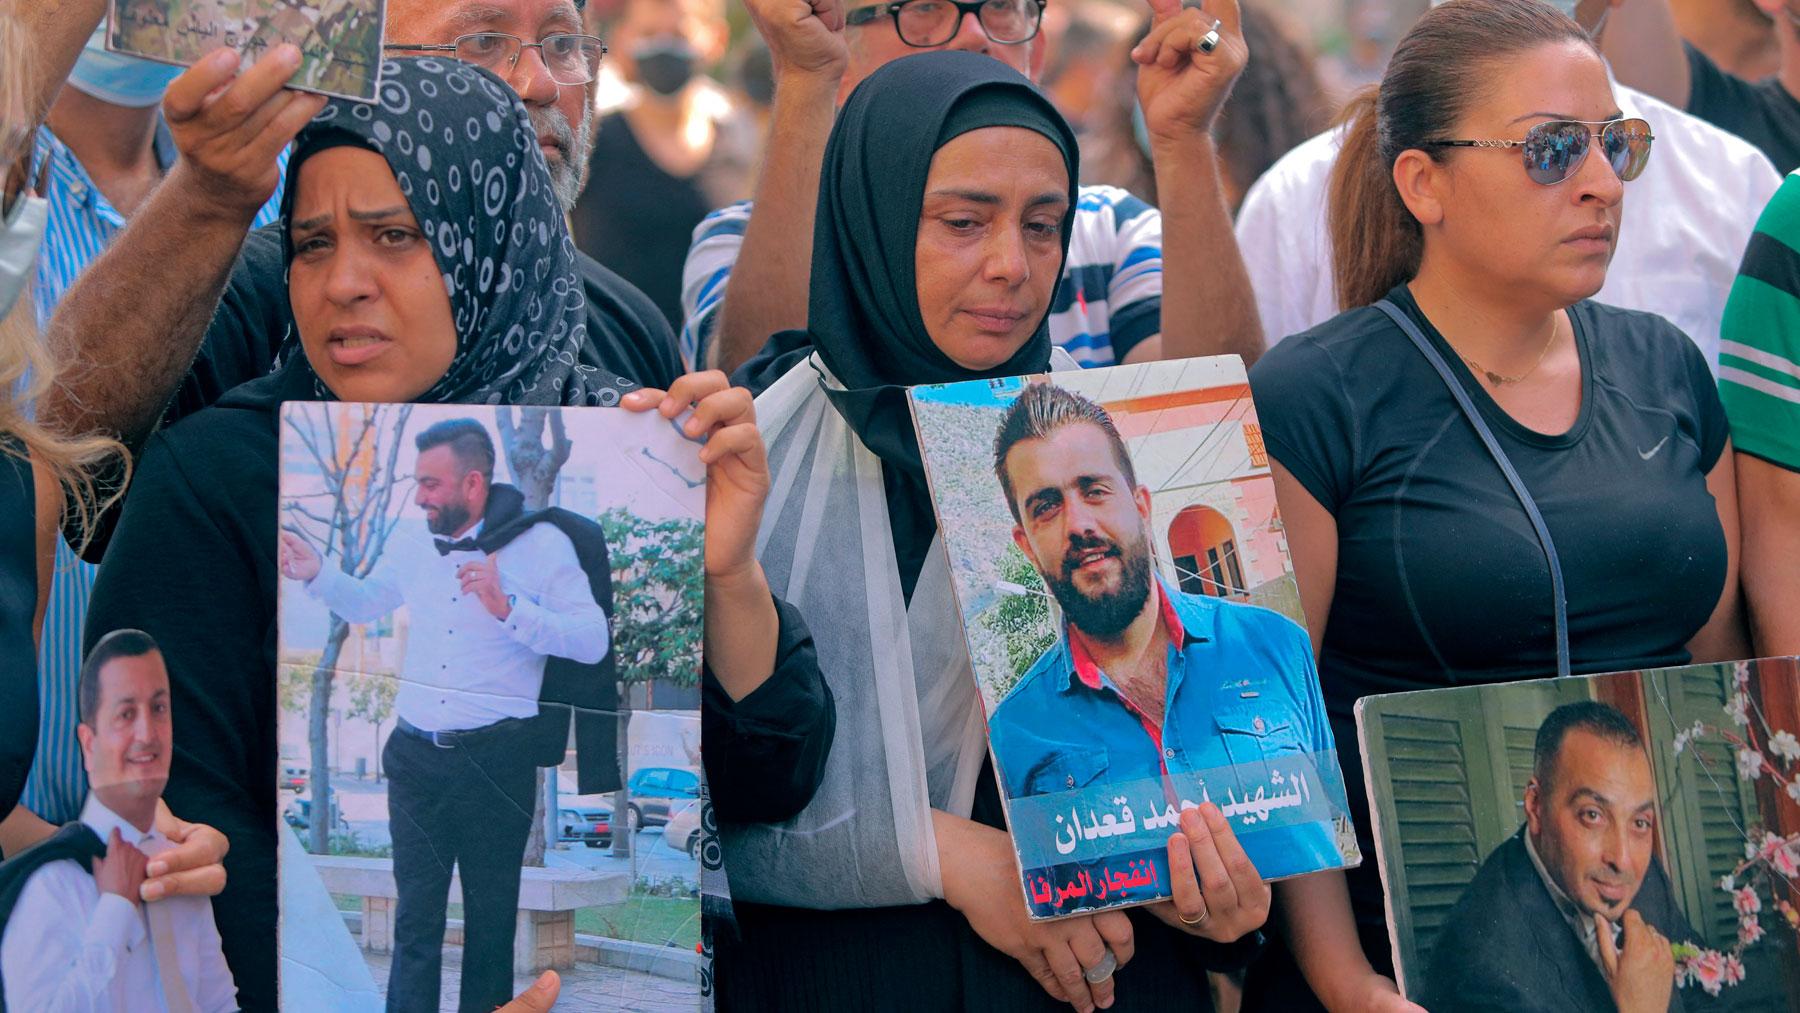 Familiares de fallecidos en la explosión de Beirut (Líbano) en una manifestación reclamando justicia. Foto: AFP